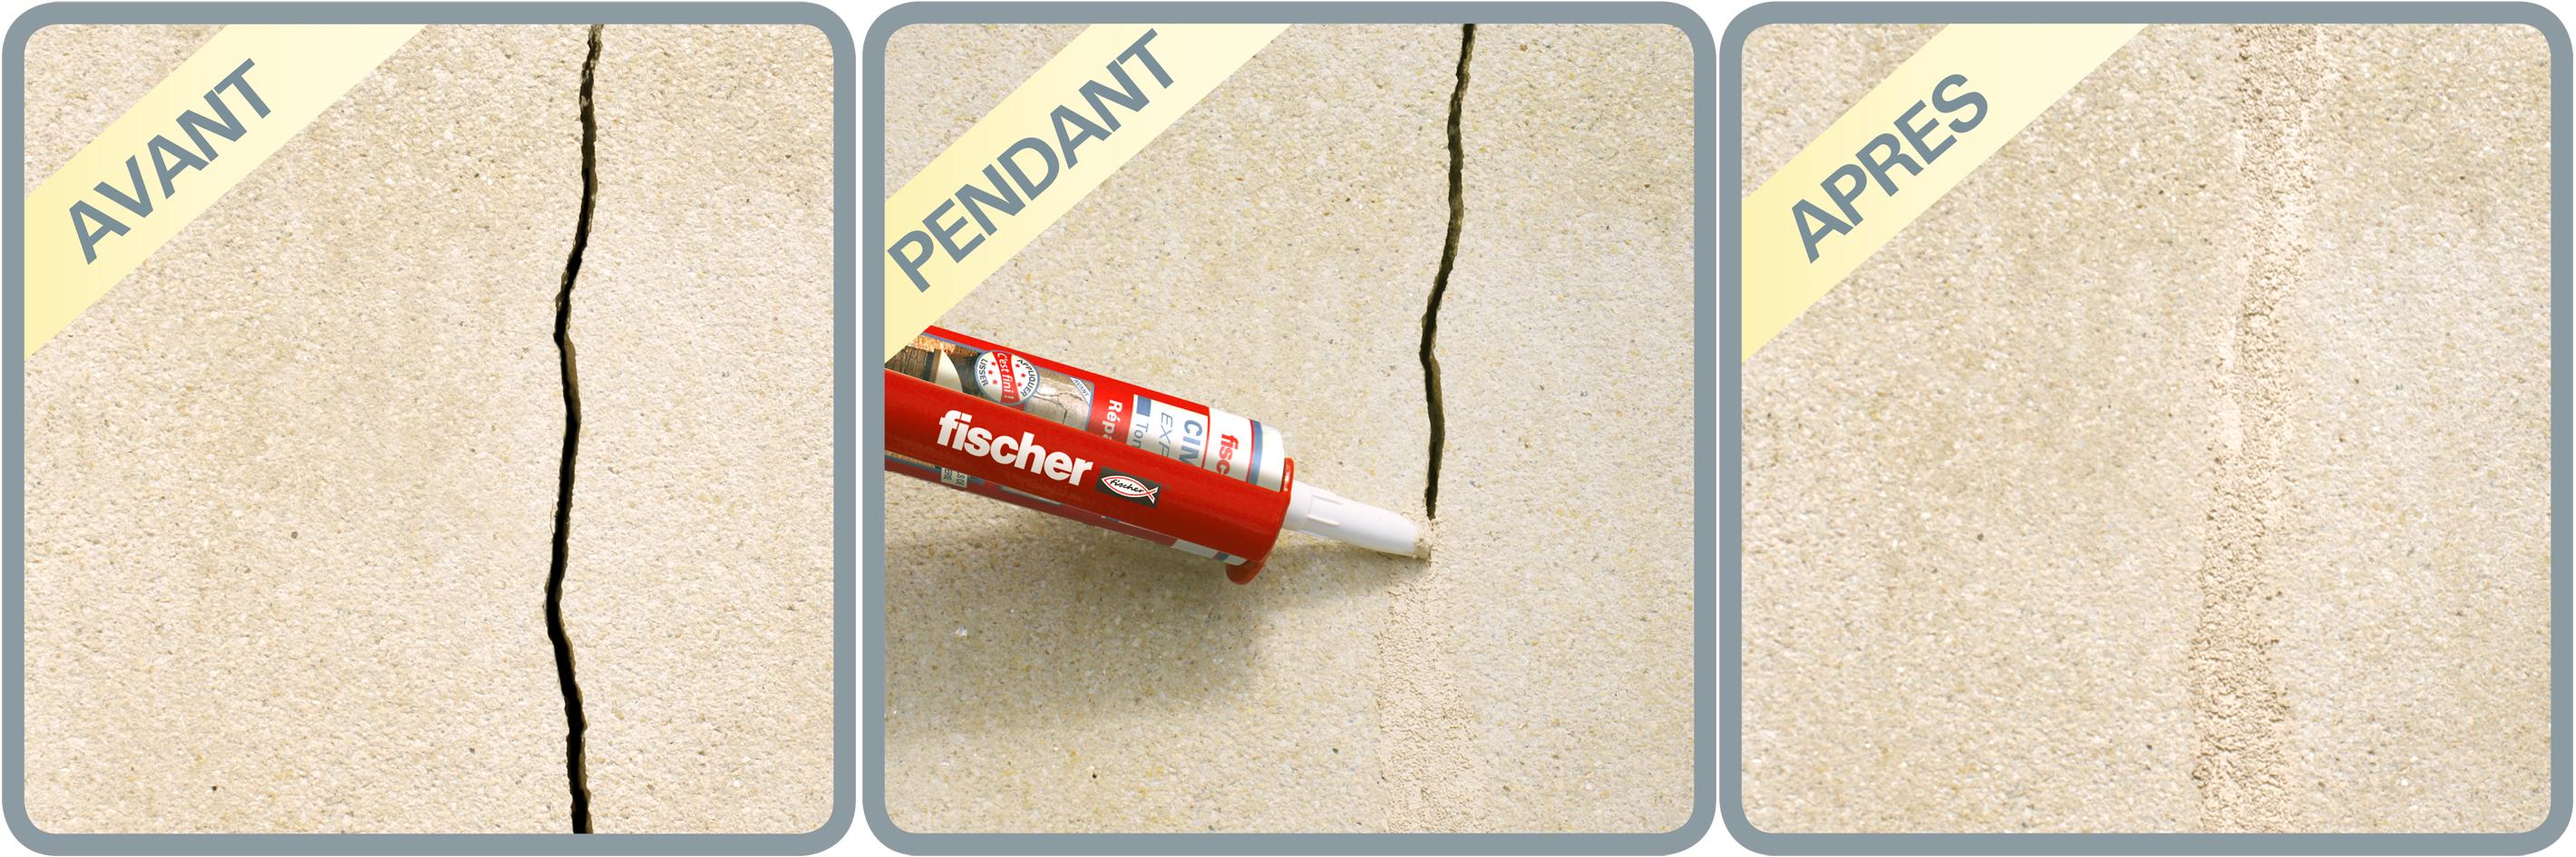 9699 fischer ciment expresstonpierre situ3 for Peinture appui de fenetre ton pierre